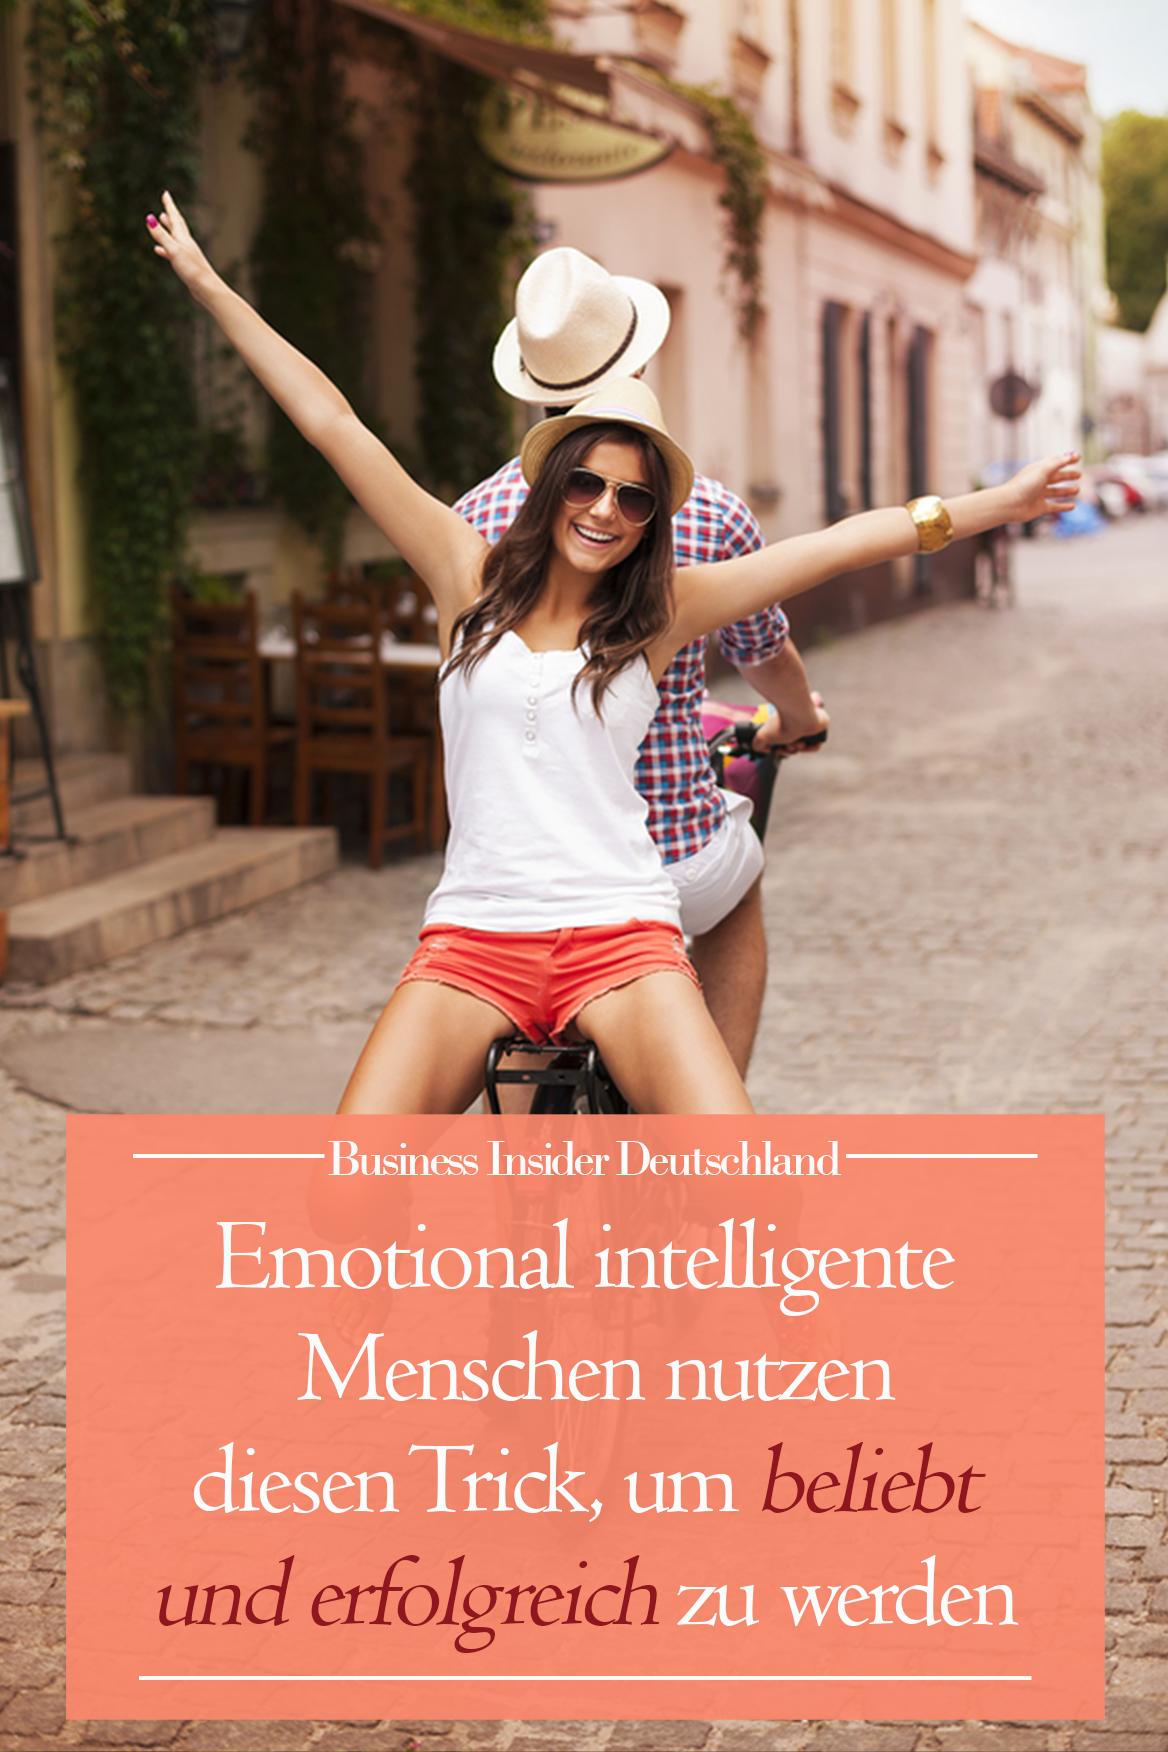 Emotional Intelligente Menschen Nutzen Diesen Trick Um Beliebt Und Erfolgreich Zu Werden Intelligente Menschen Mensch Intelligente